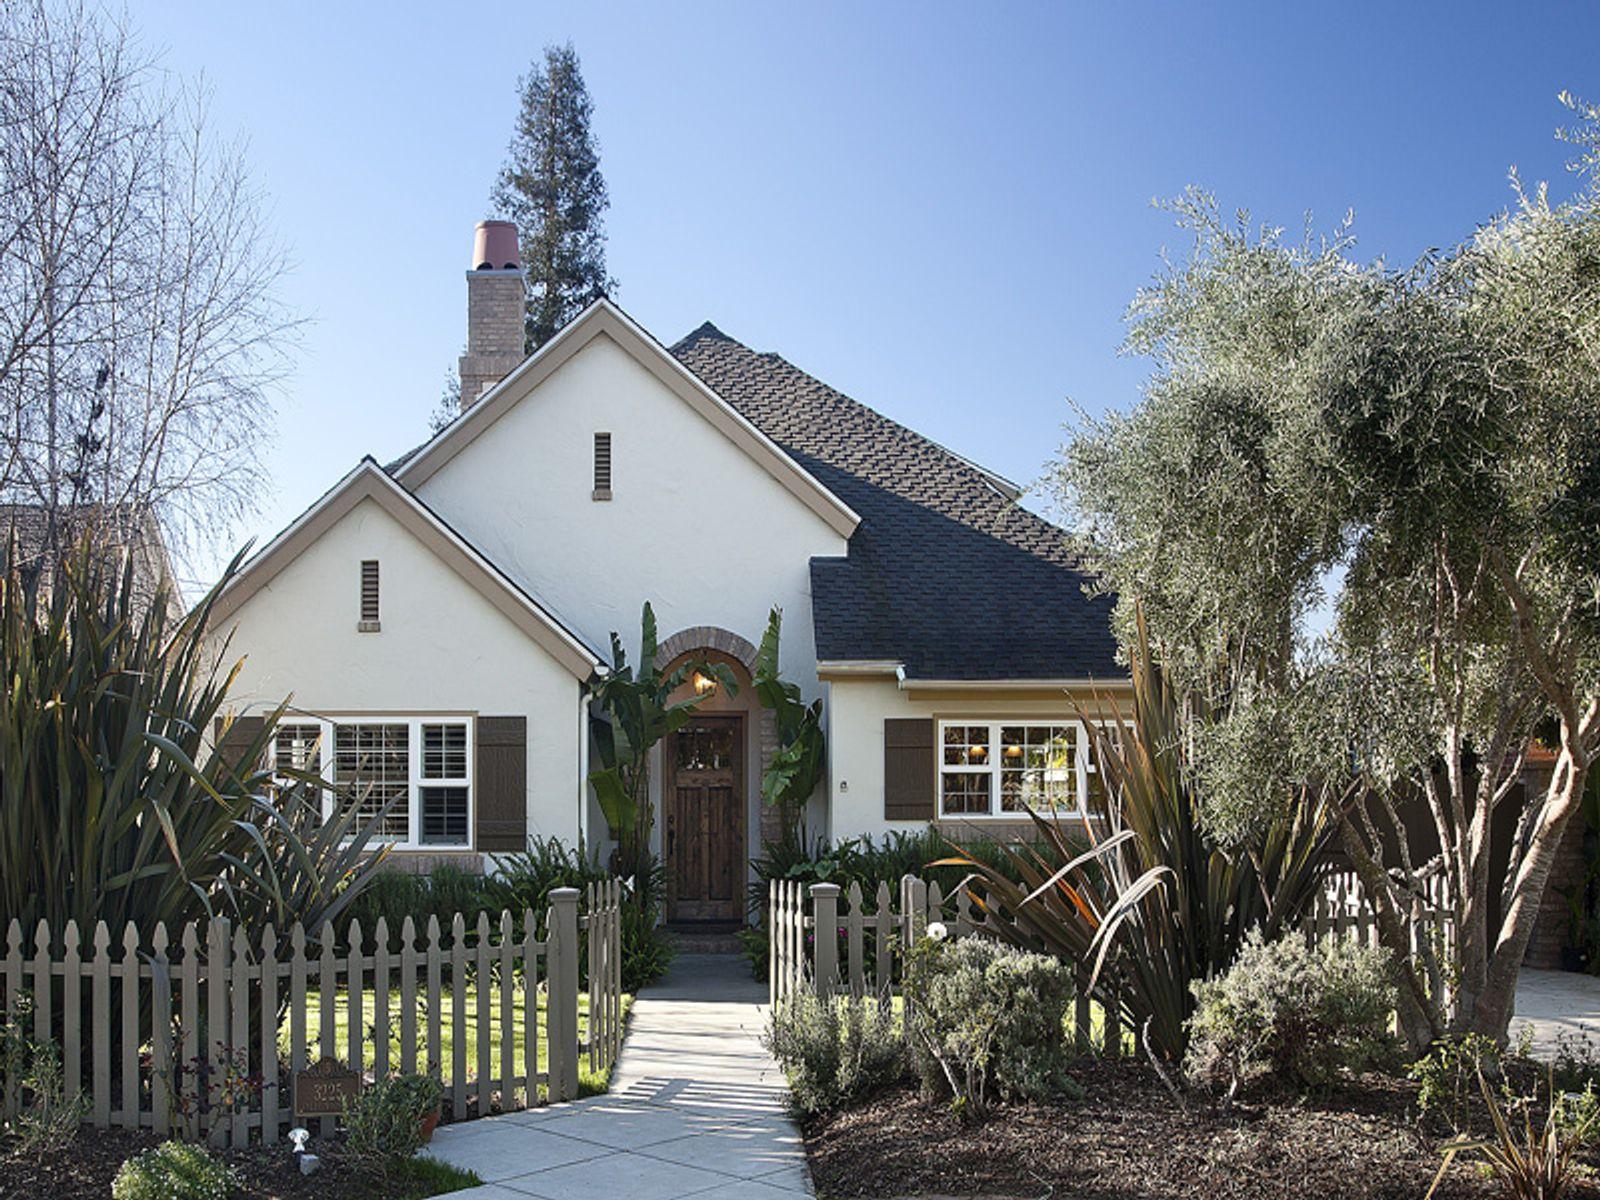 Charming nearly new home santa barbara ca single family for Santa barbara new homes